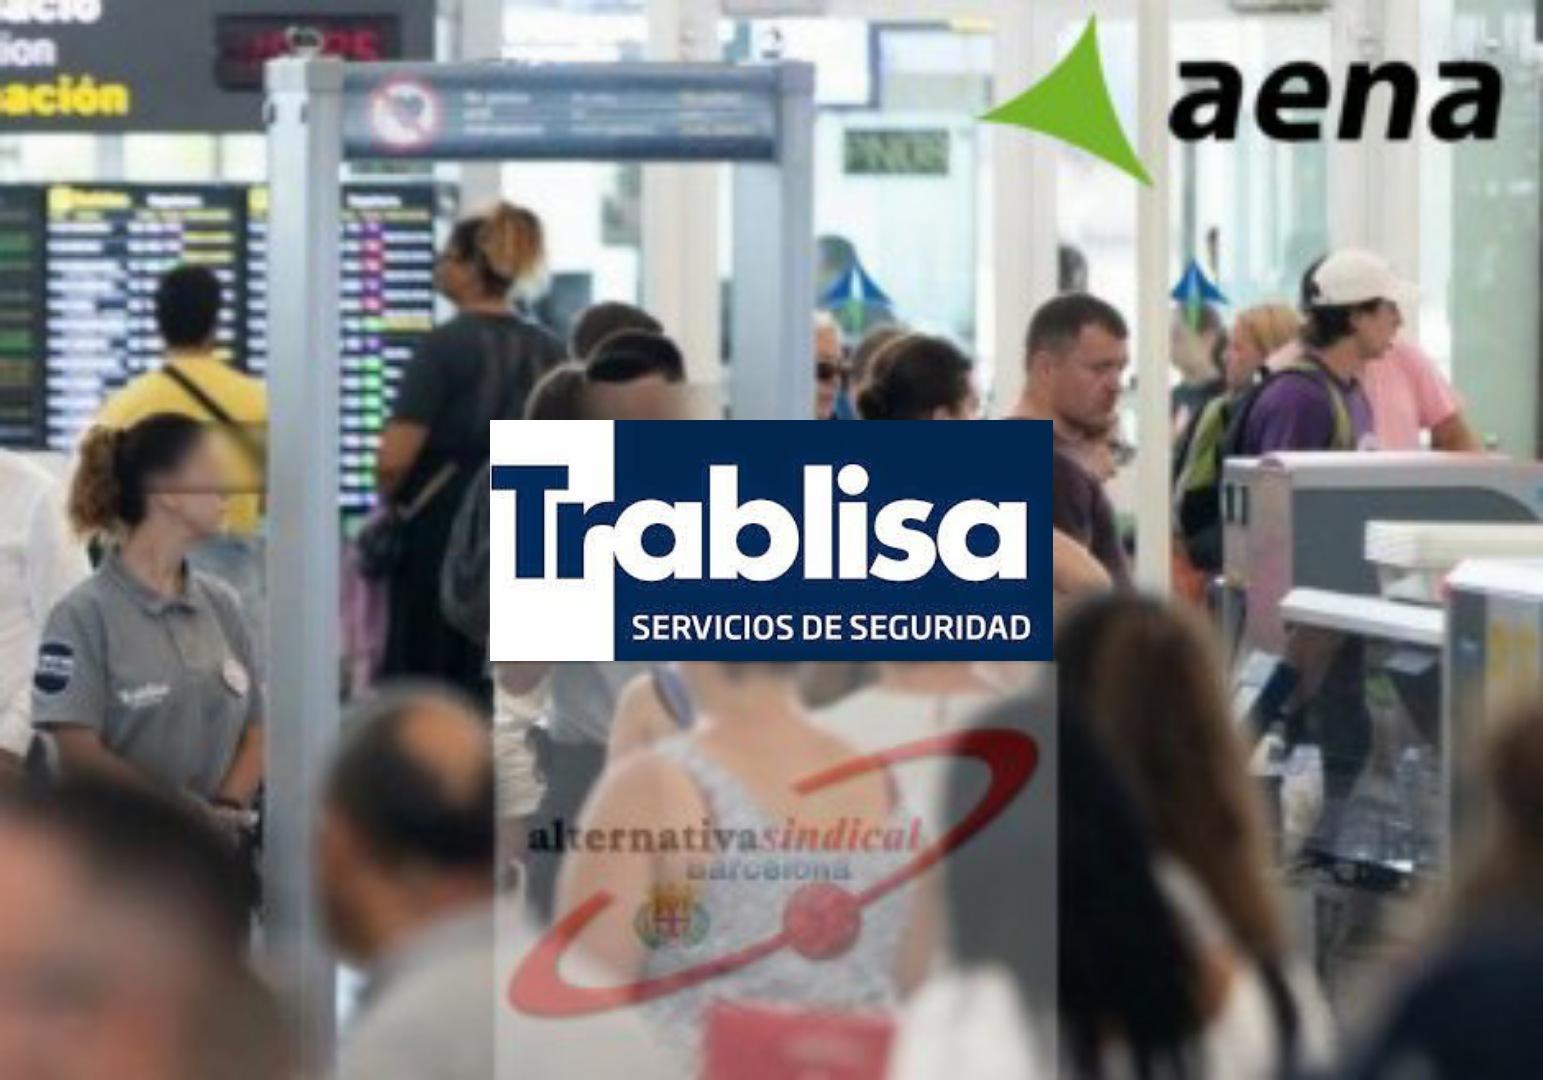 La Inspección de trabajo de Barcelona levanta actas de requerimiento contra TRABLISA y AENA por las condiciones laborales de los compañeros en el Aeropuerto del Prat.